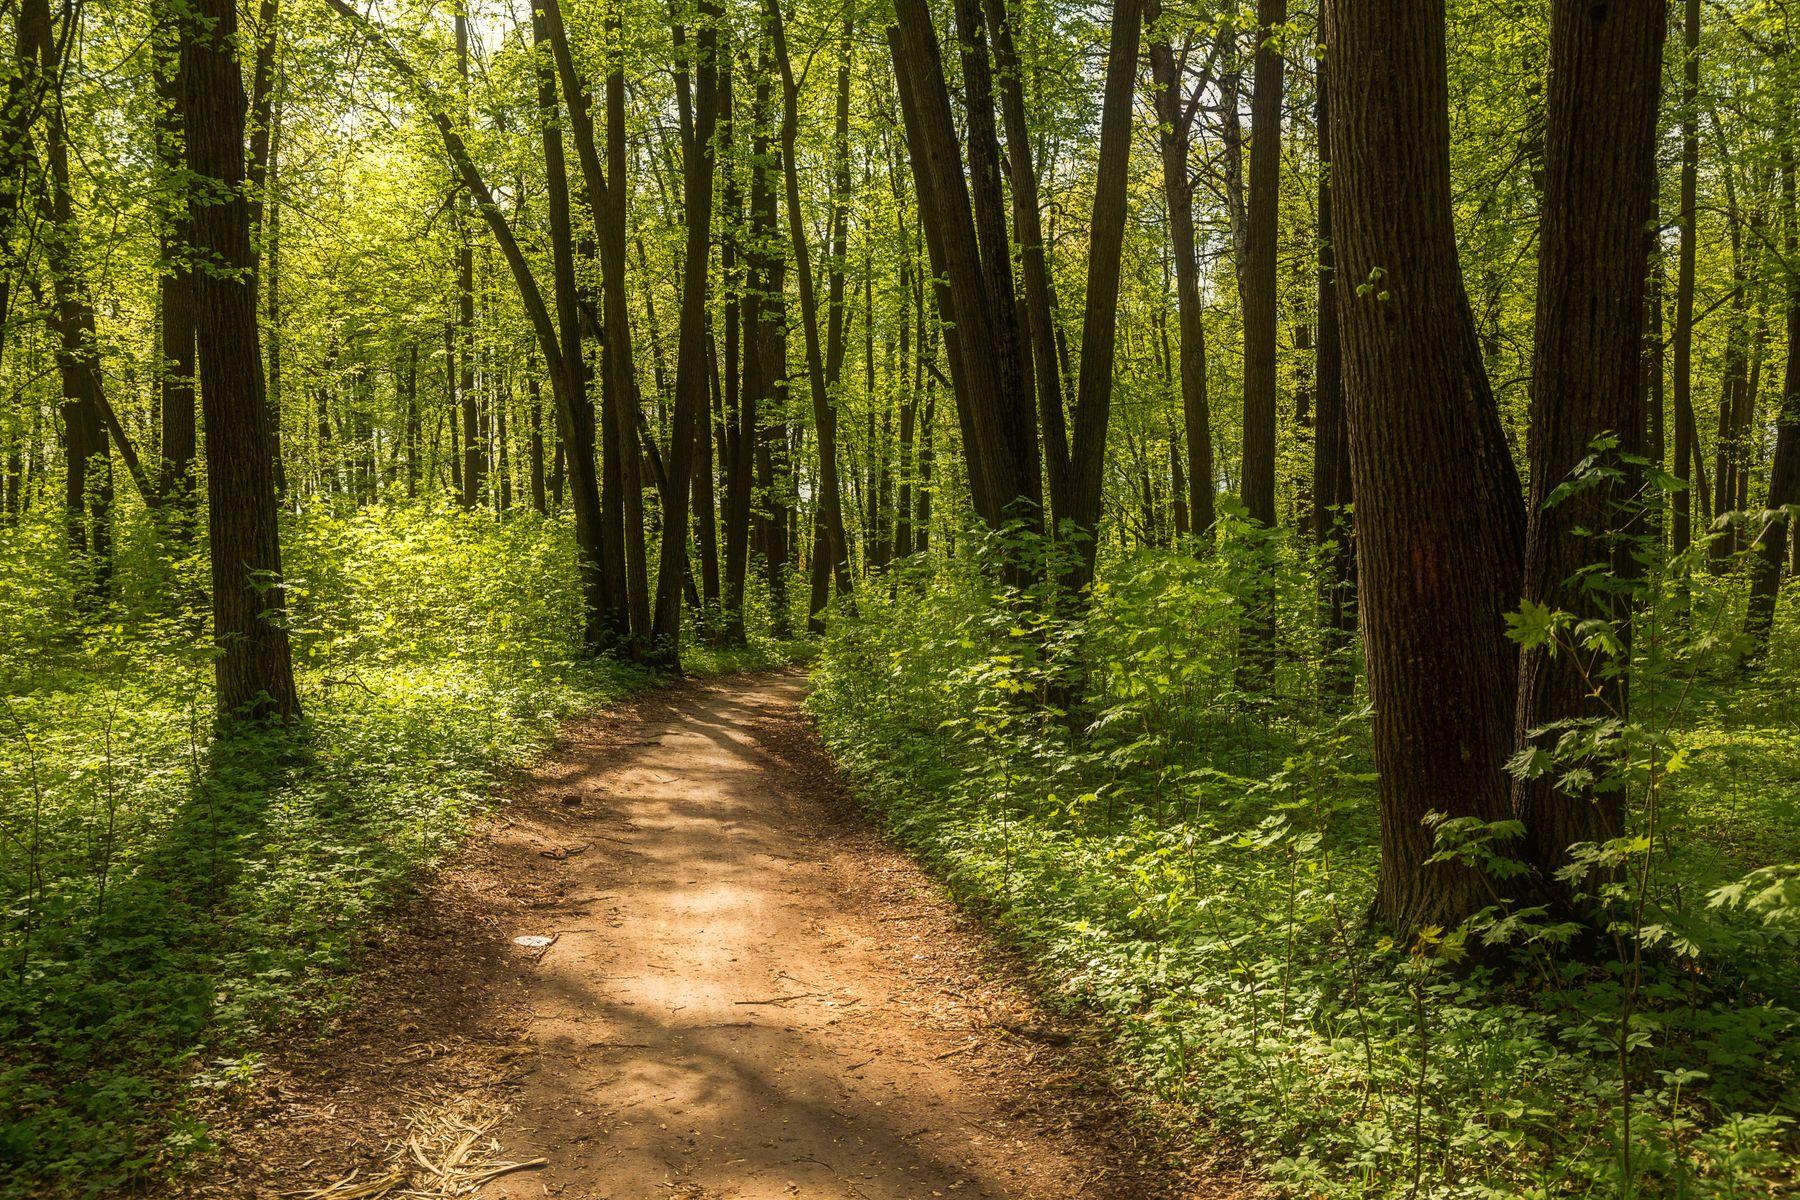 *** природа пейзаж весна лес дорога татарстан октябрьский